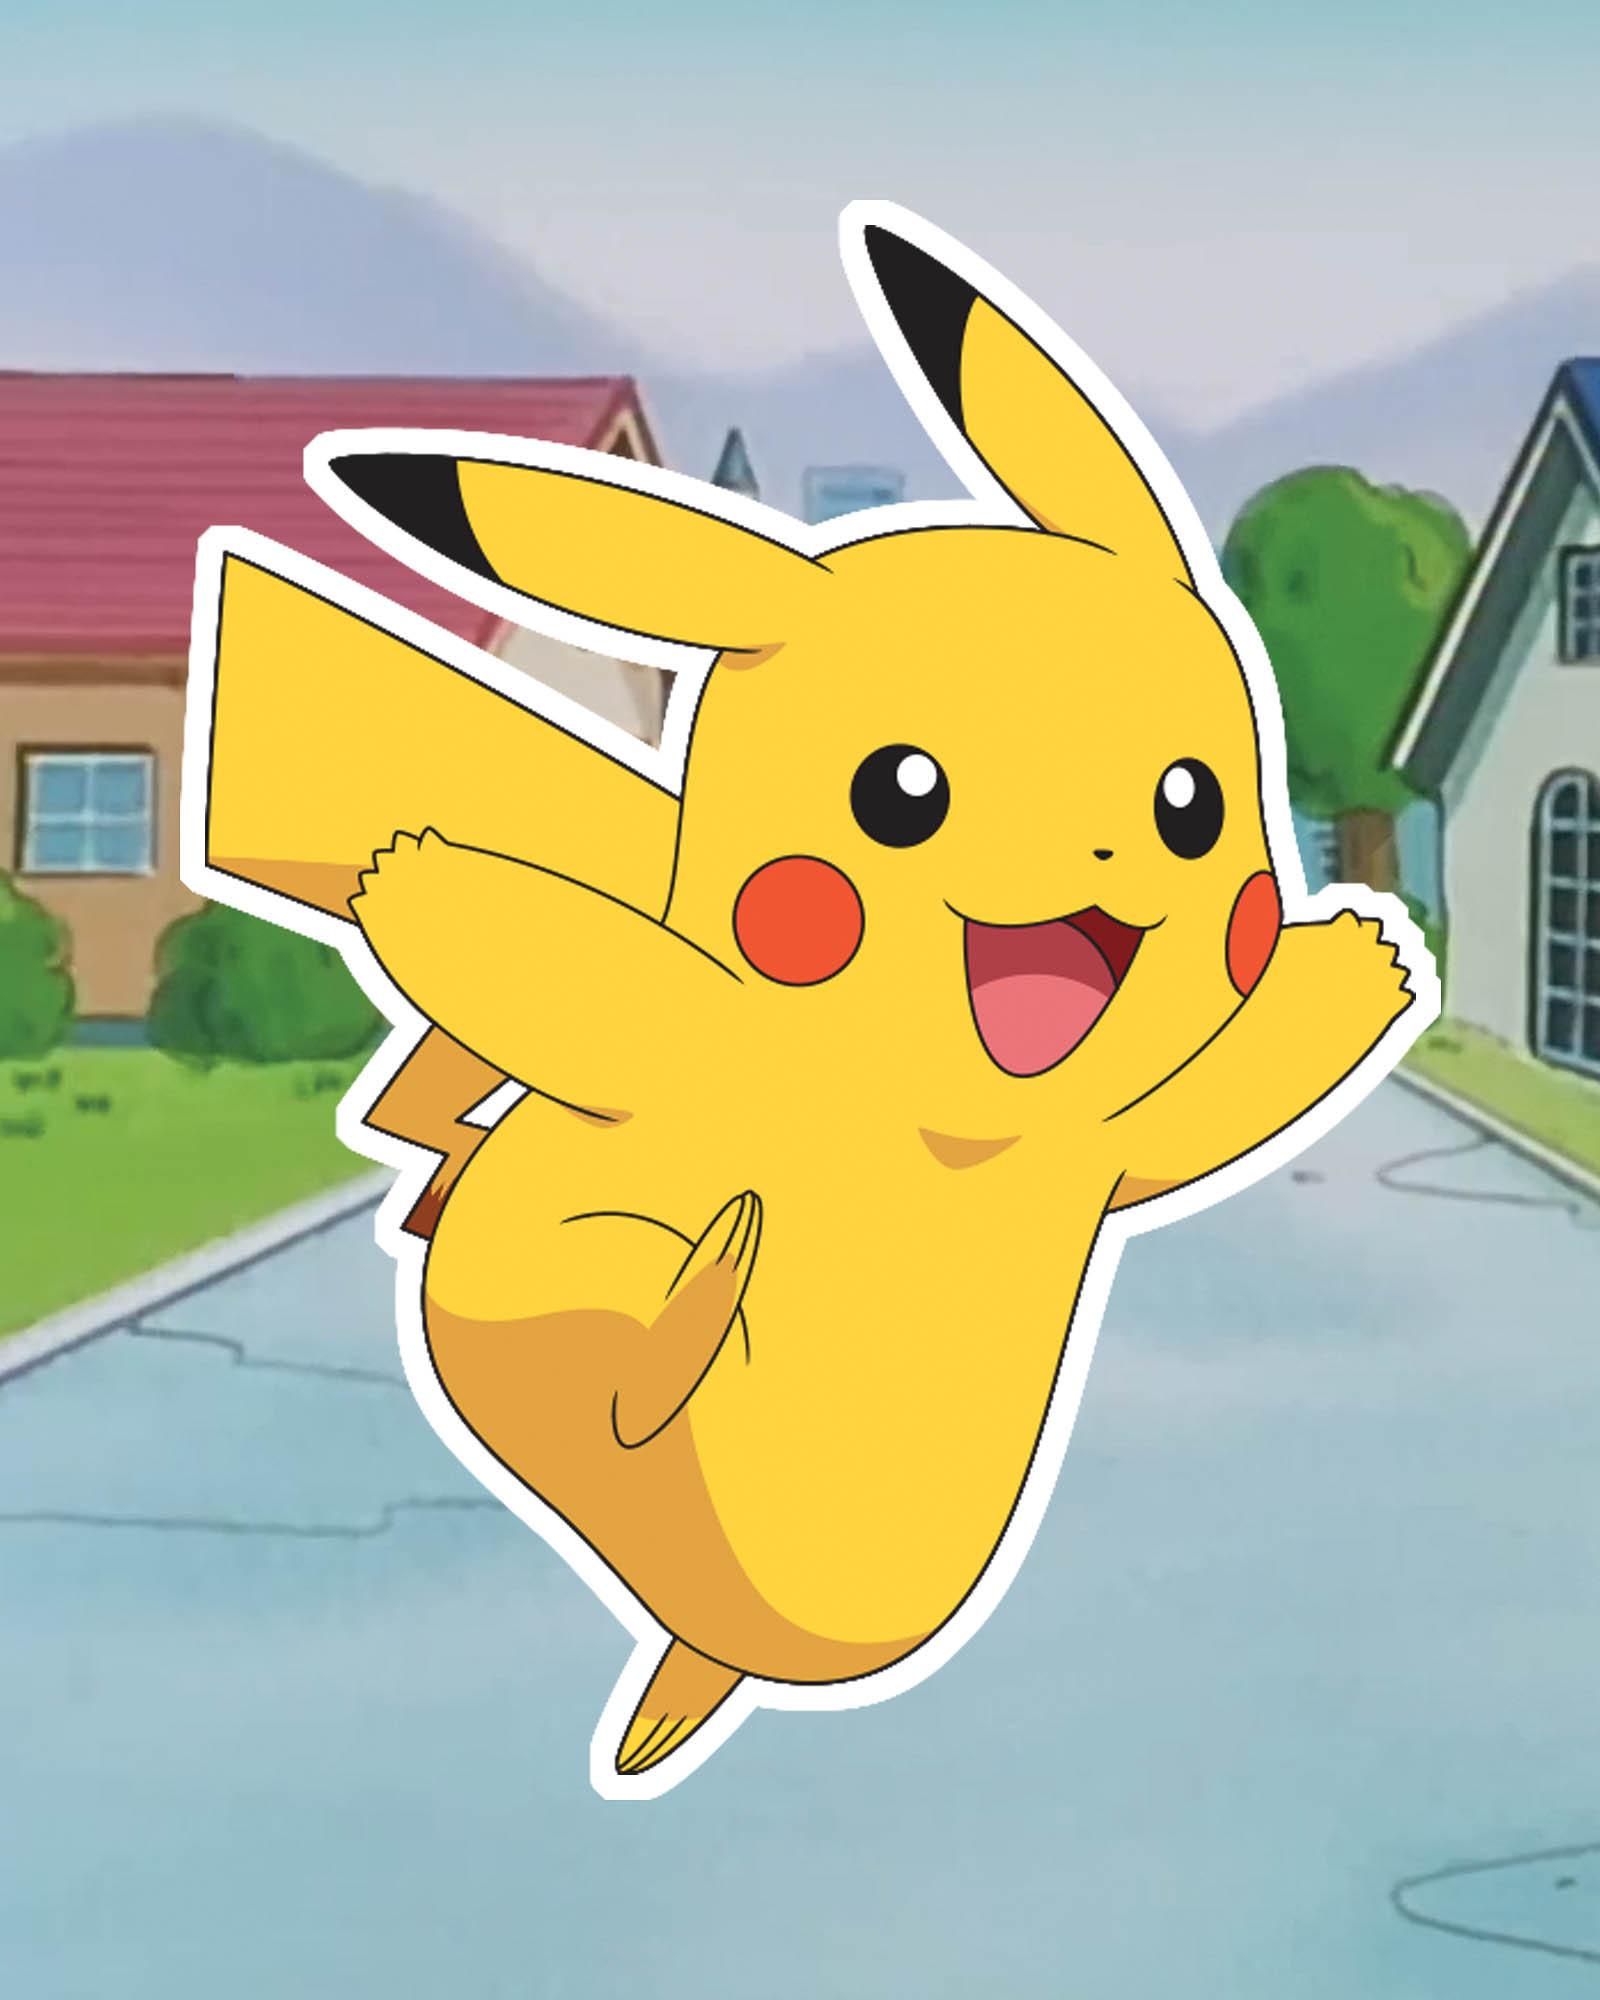 21_H1_Pokemon_Pikachu_14_CMYK